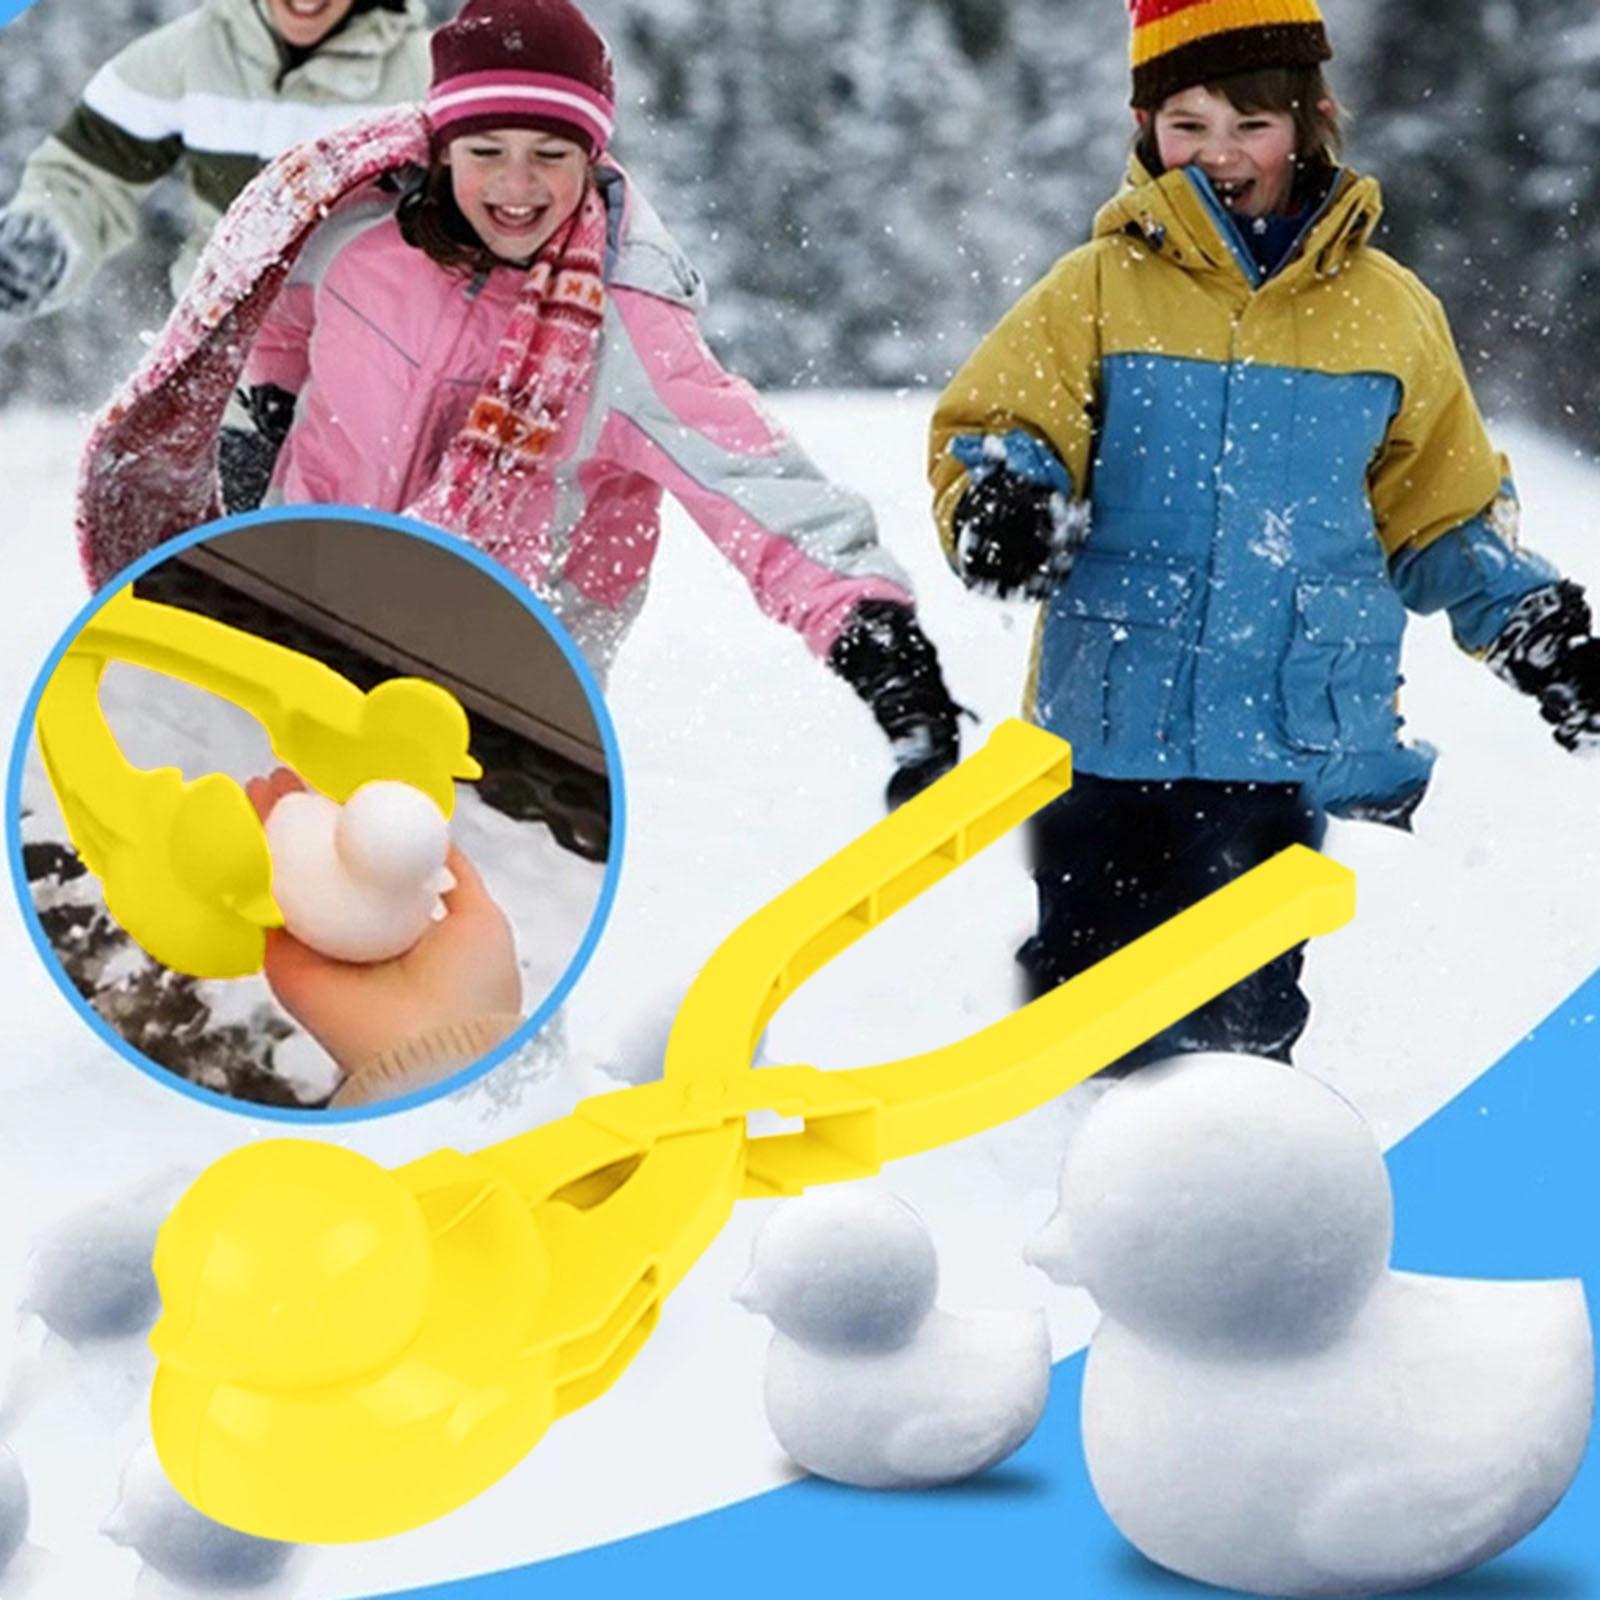 Игрушки для детей, инструмент для изготовления снега, песка в форме животного, инструмент, зимние подарки для детей, игрушки для детей # L4